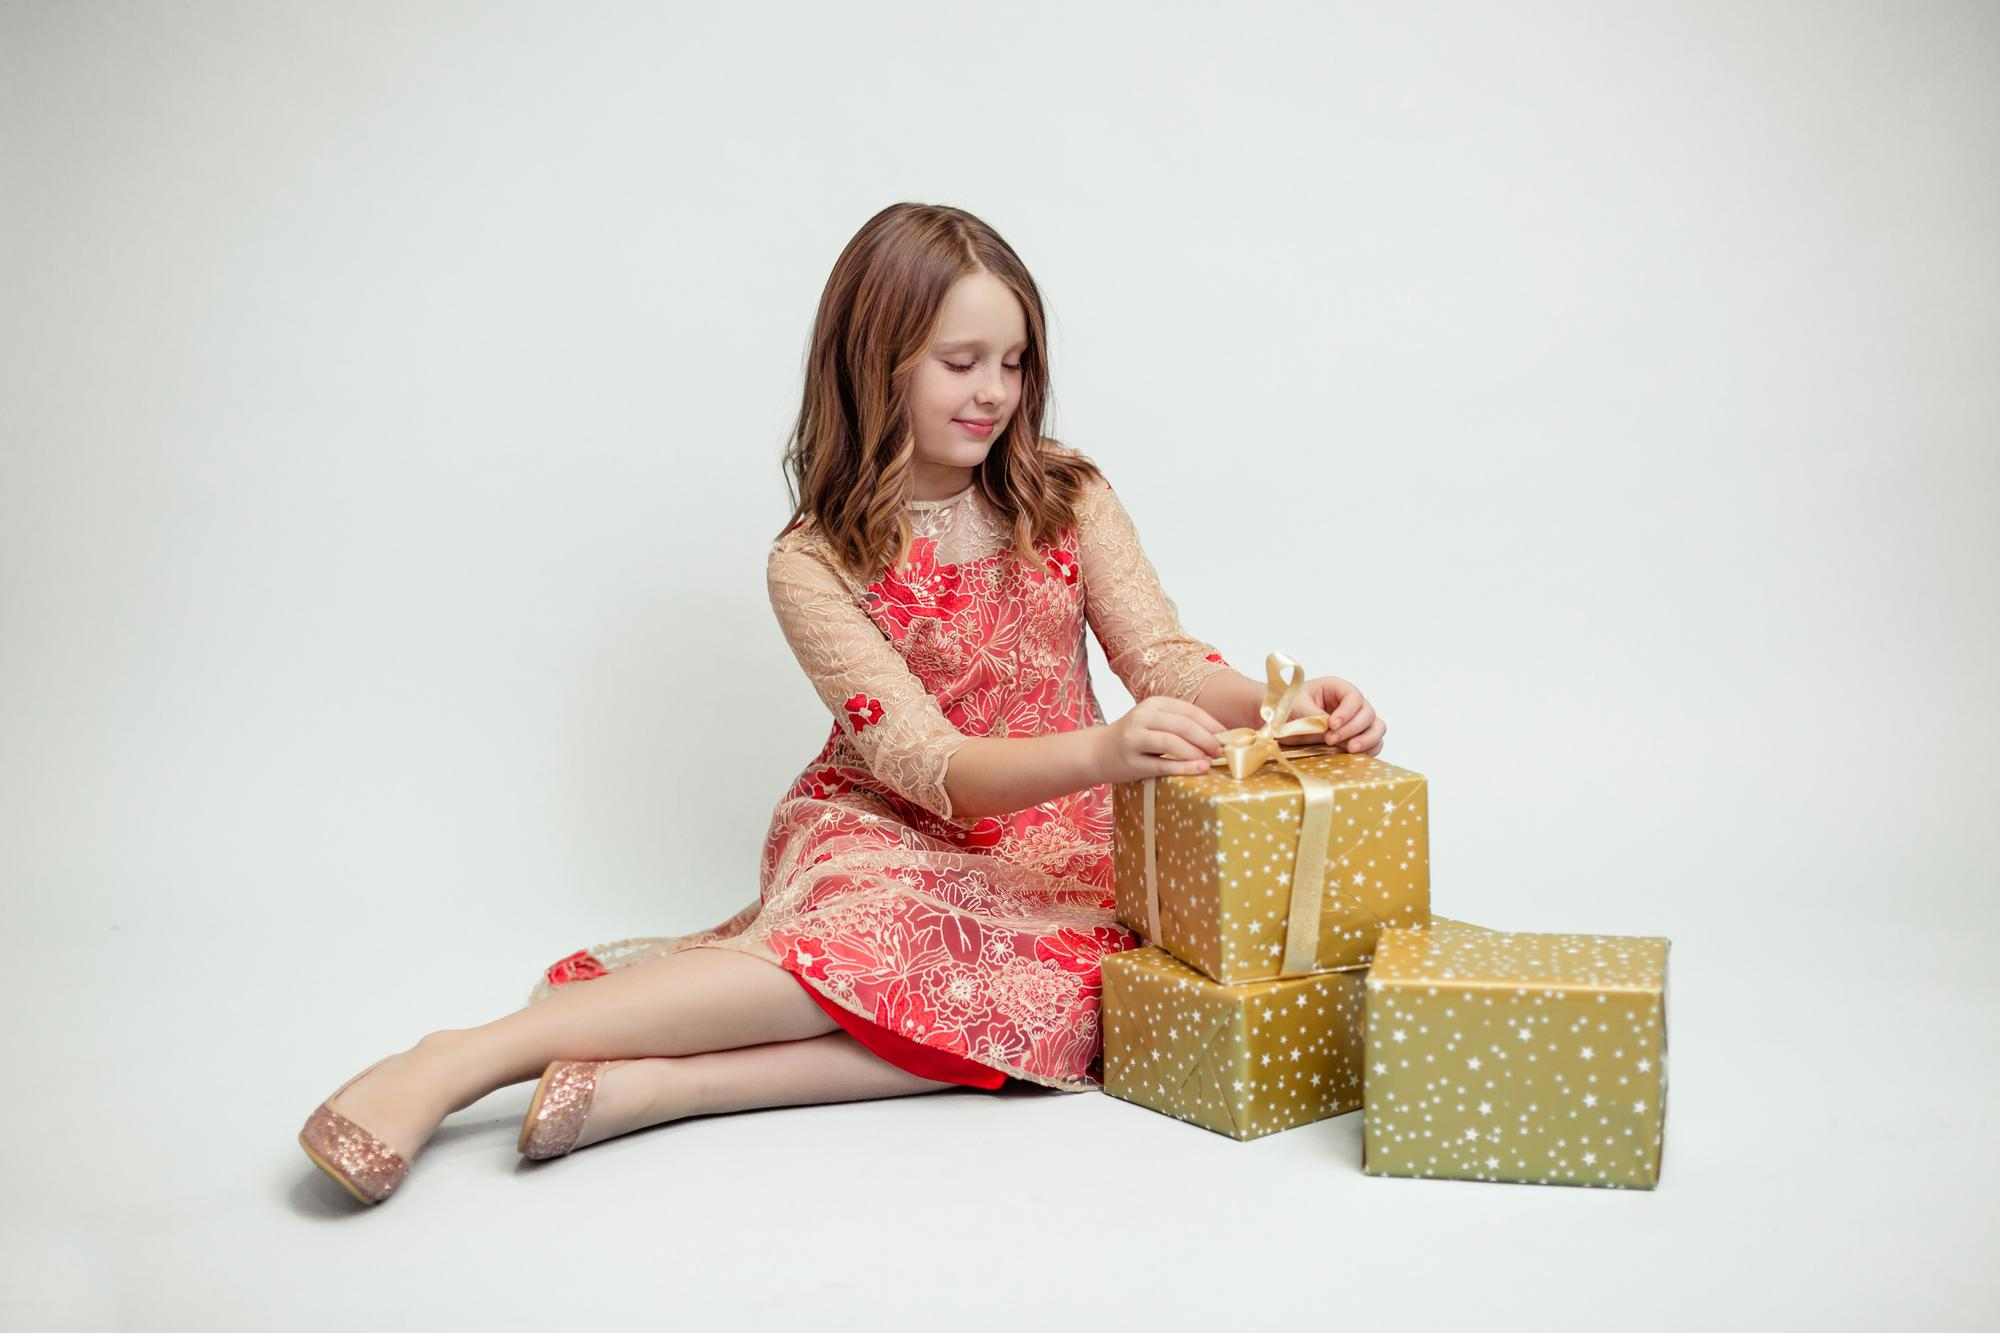 Sukienka koronkowa z kwiatami czerwona - Domino.little.dress